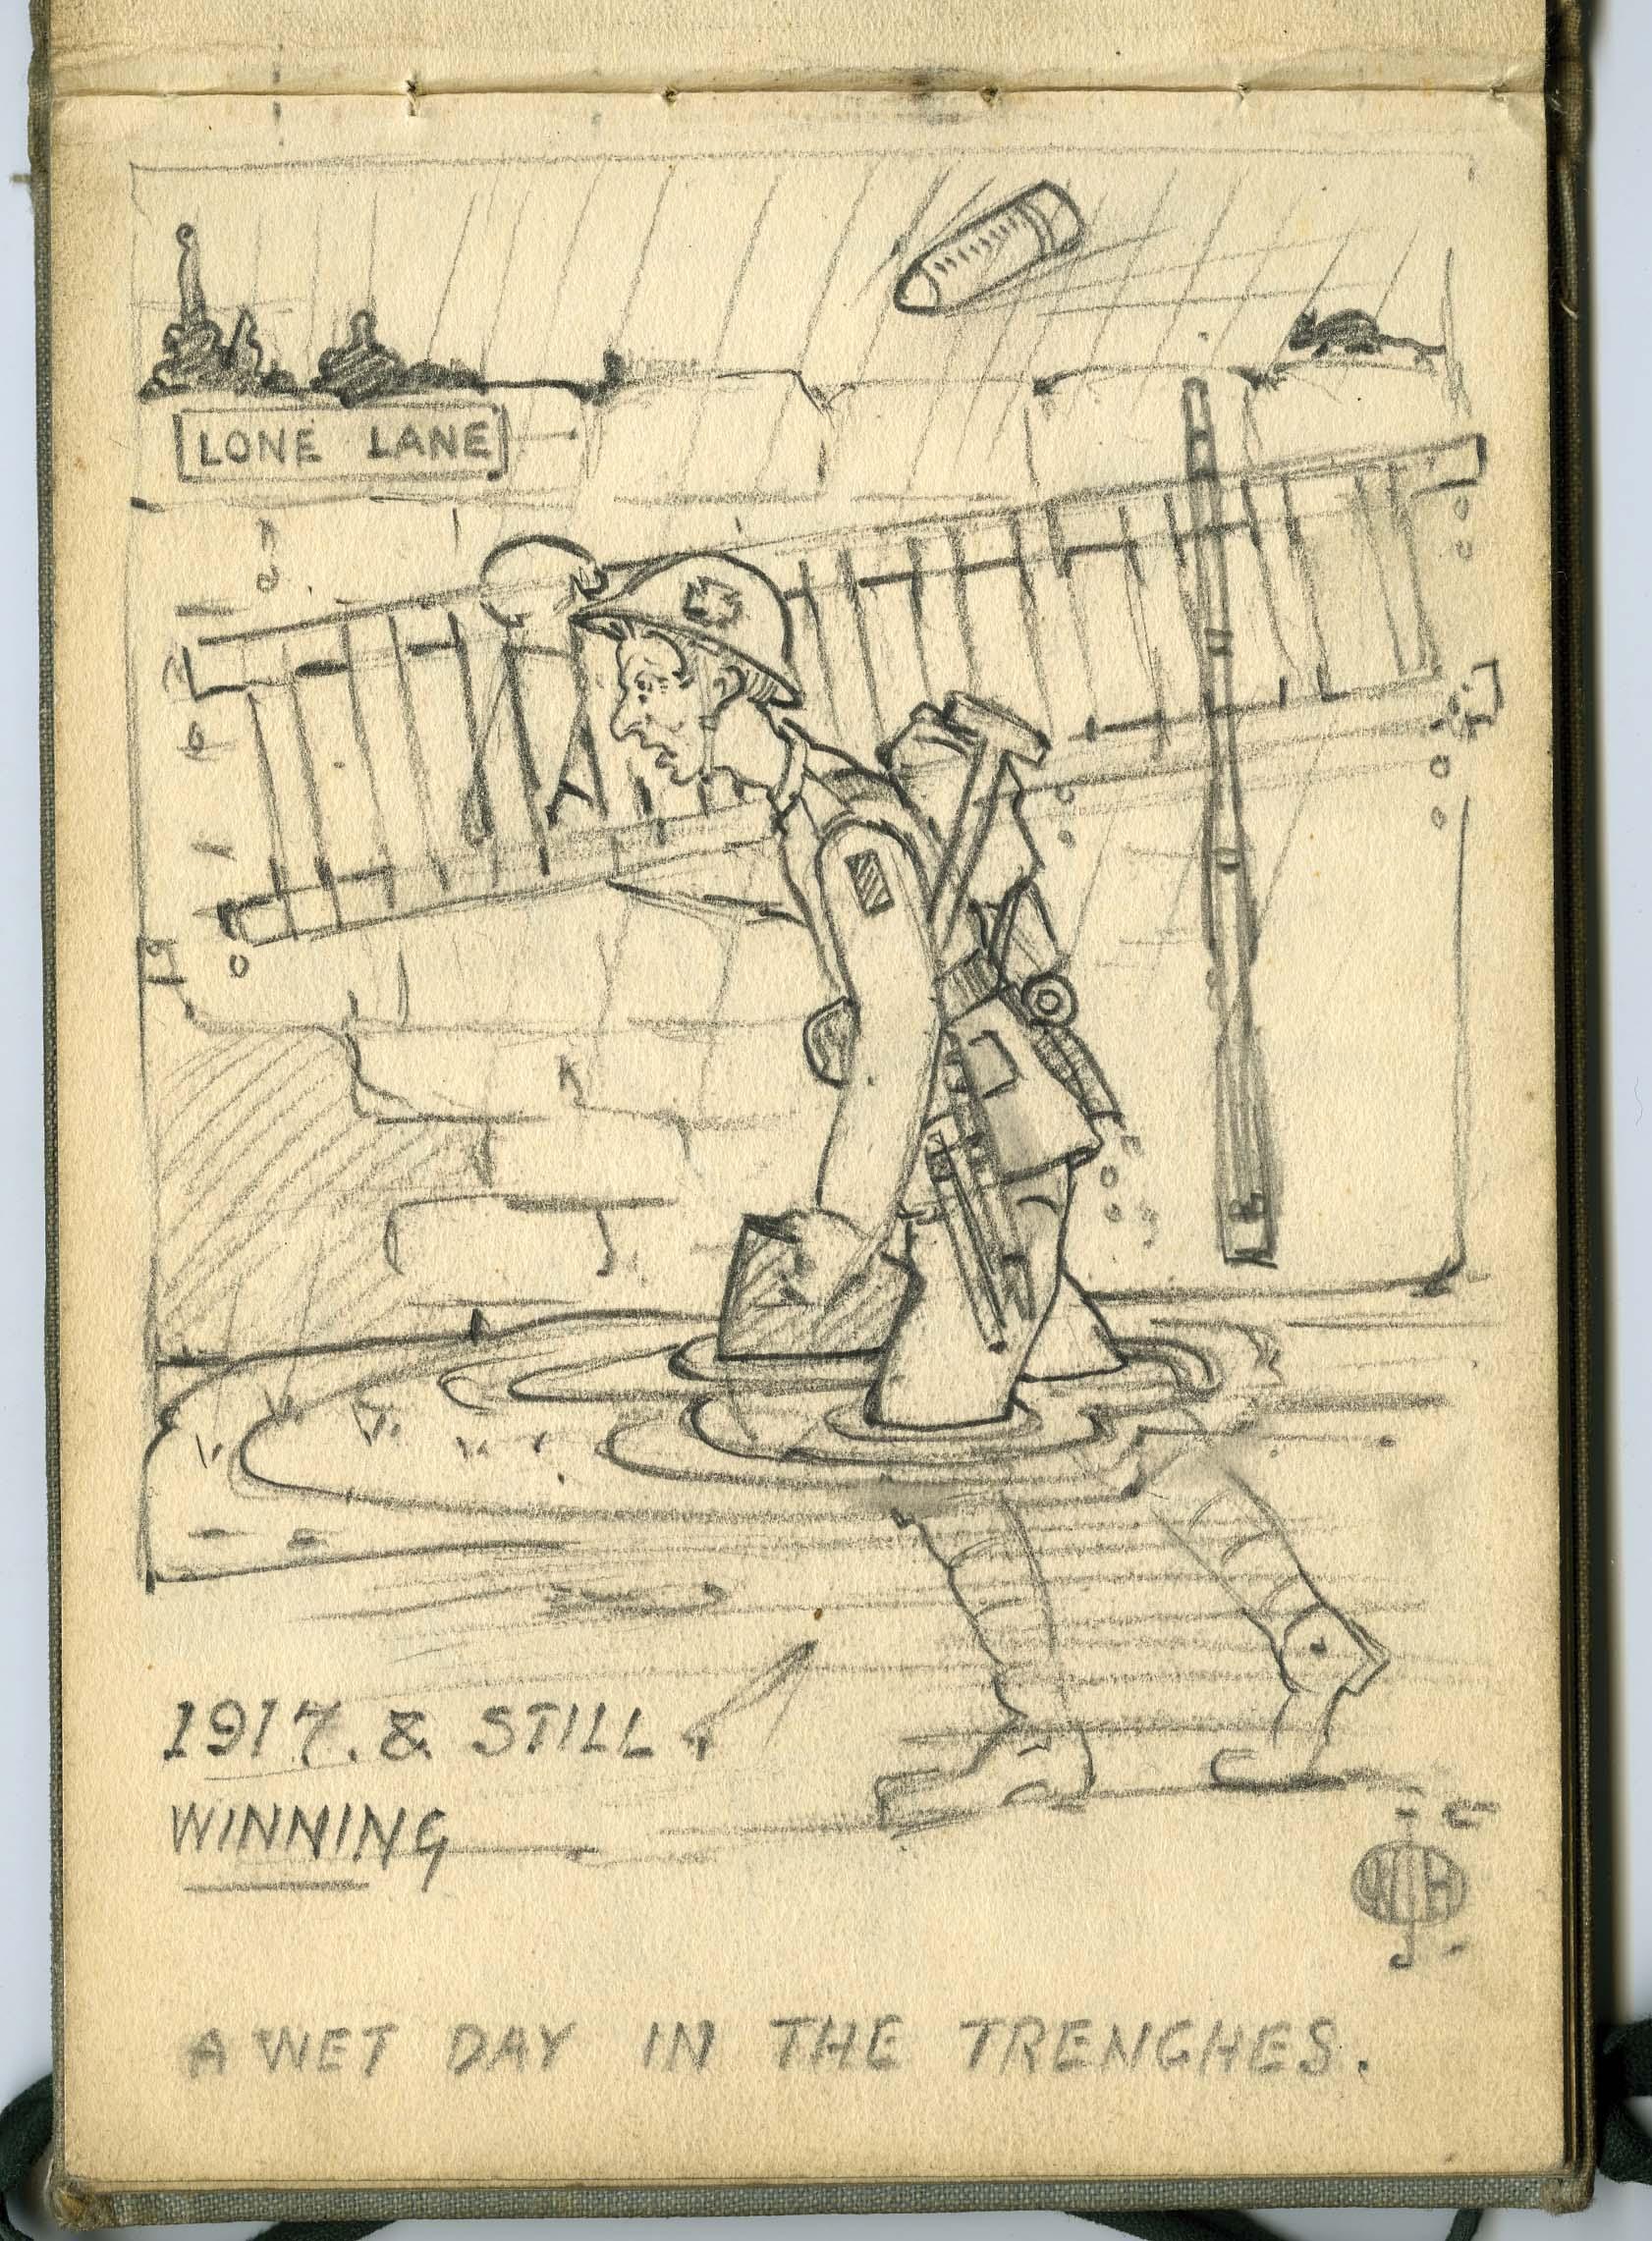 From William Harold's sketchbook